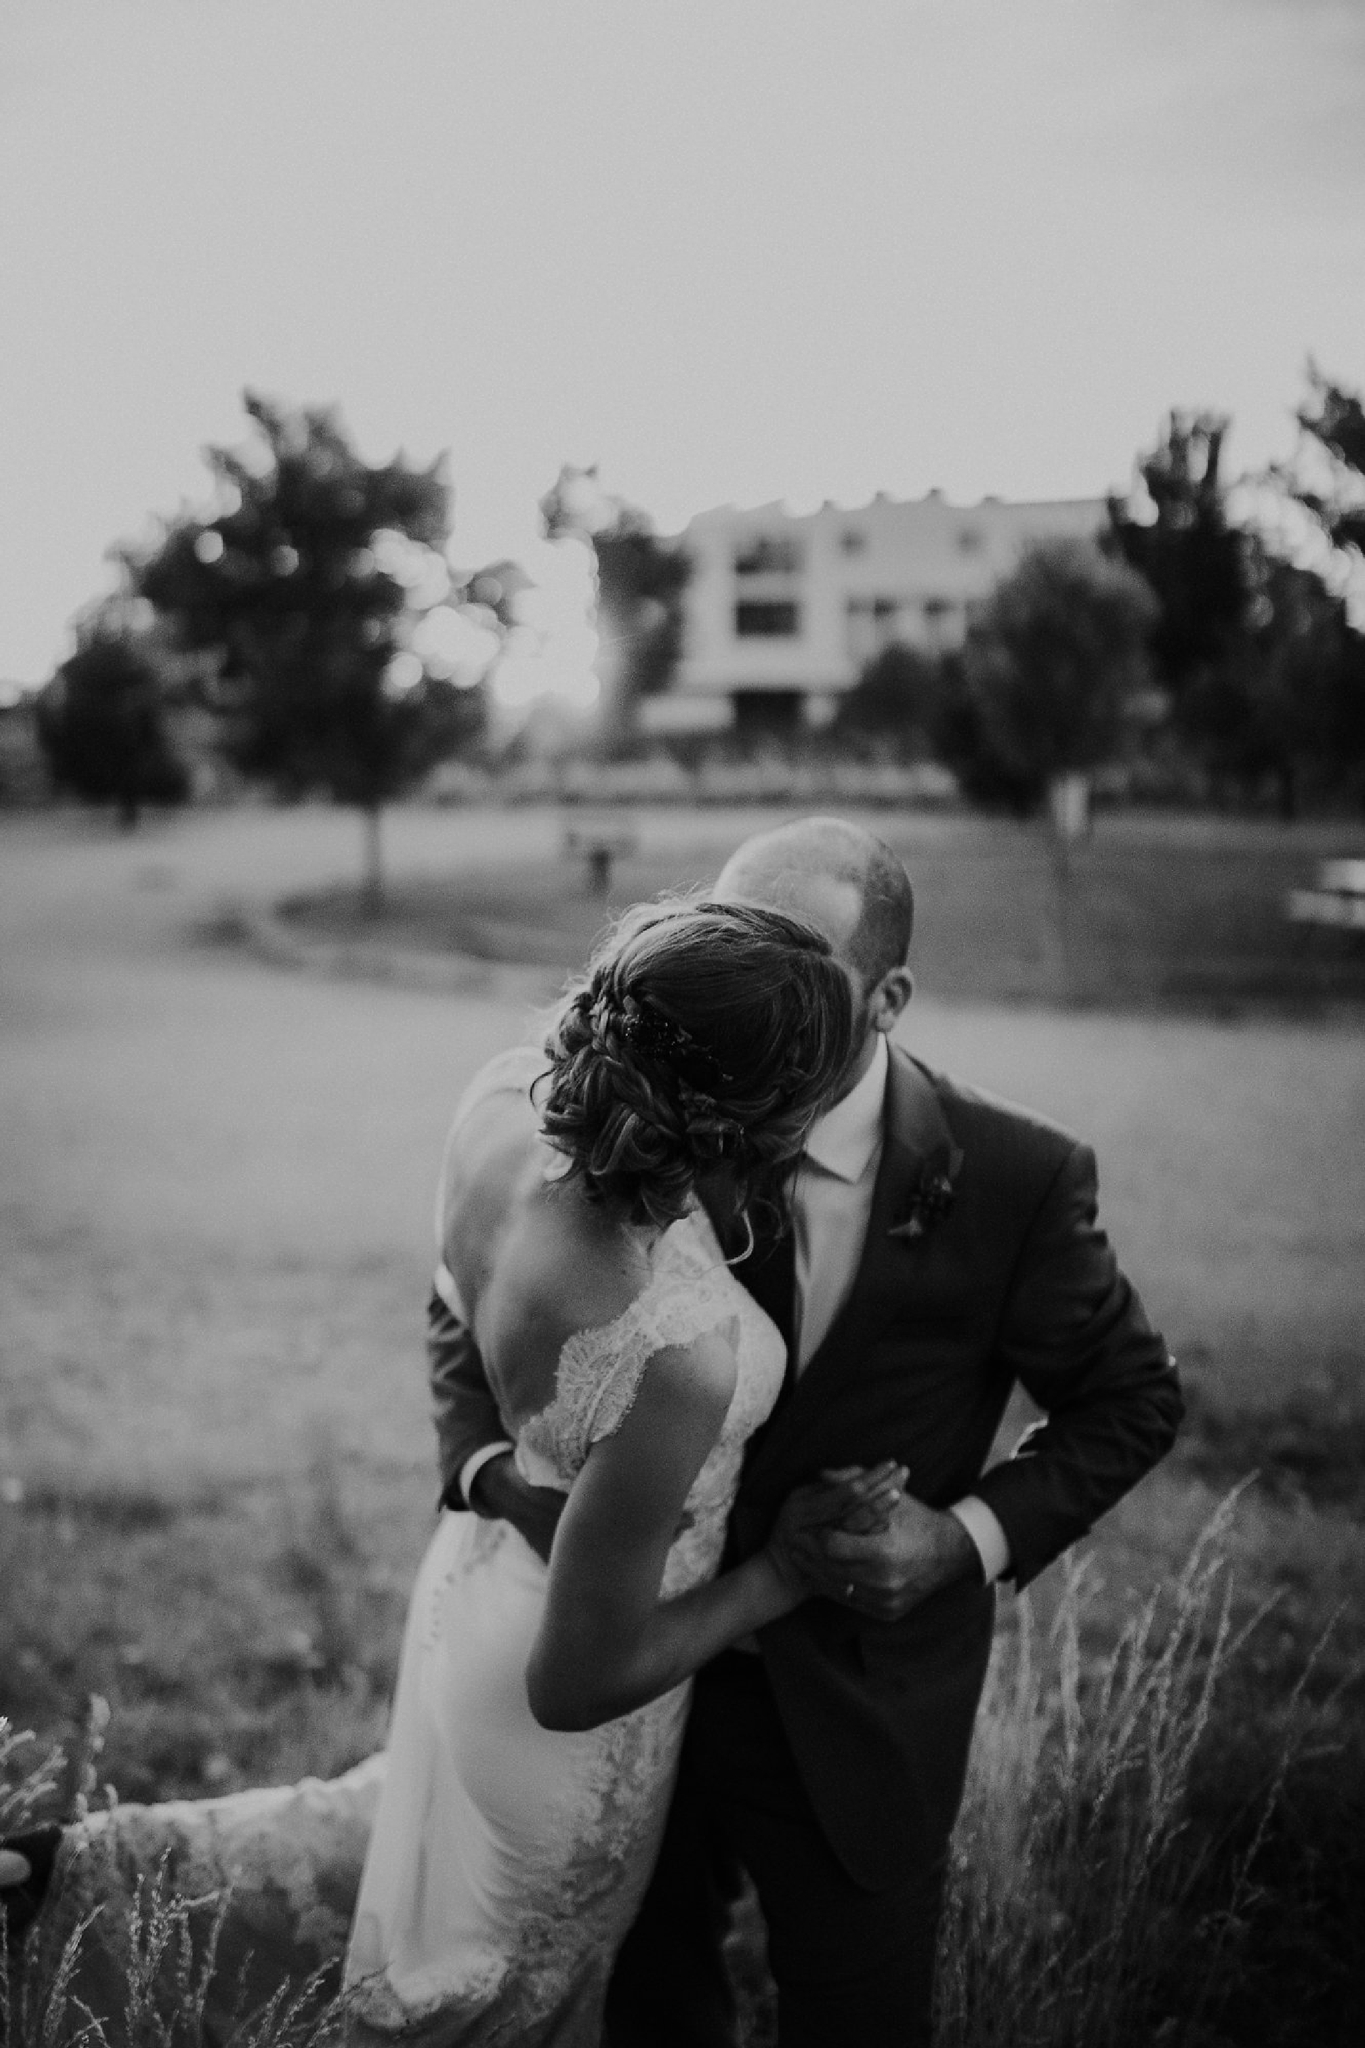 Alicia+lucia+photography+-+albuquerque+wedding+photographer+-+santa+fe+wedding+photography+-+new+mexico+wedding+photographer+-+new+mexico+wedding+-+wedding+photographer+-+wedding+photographer+team_0196.jpg